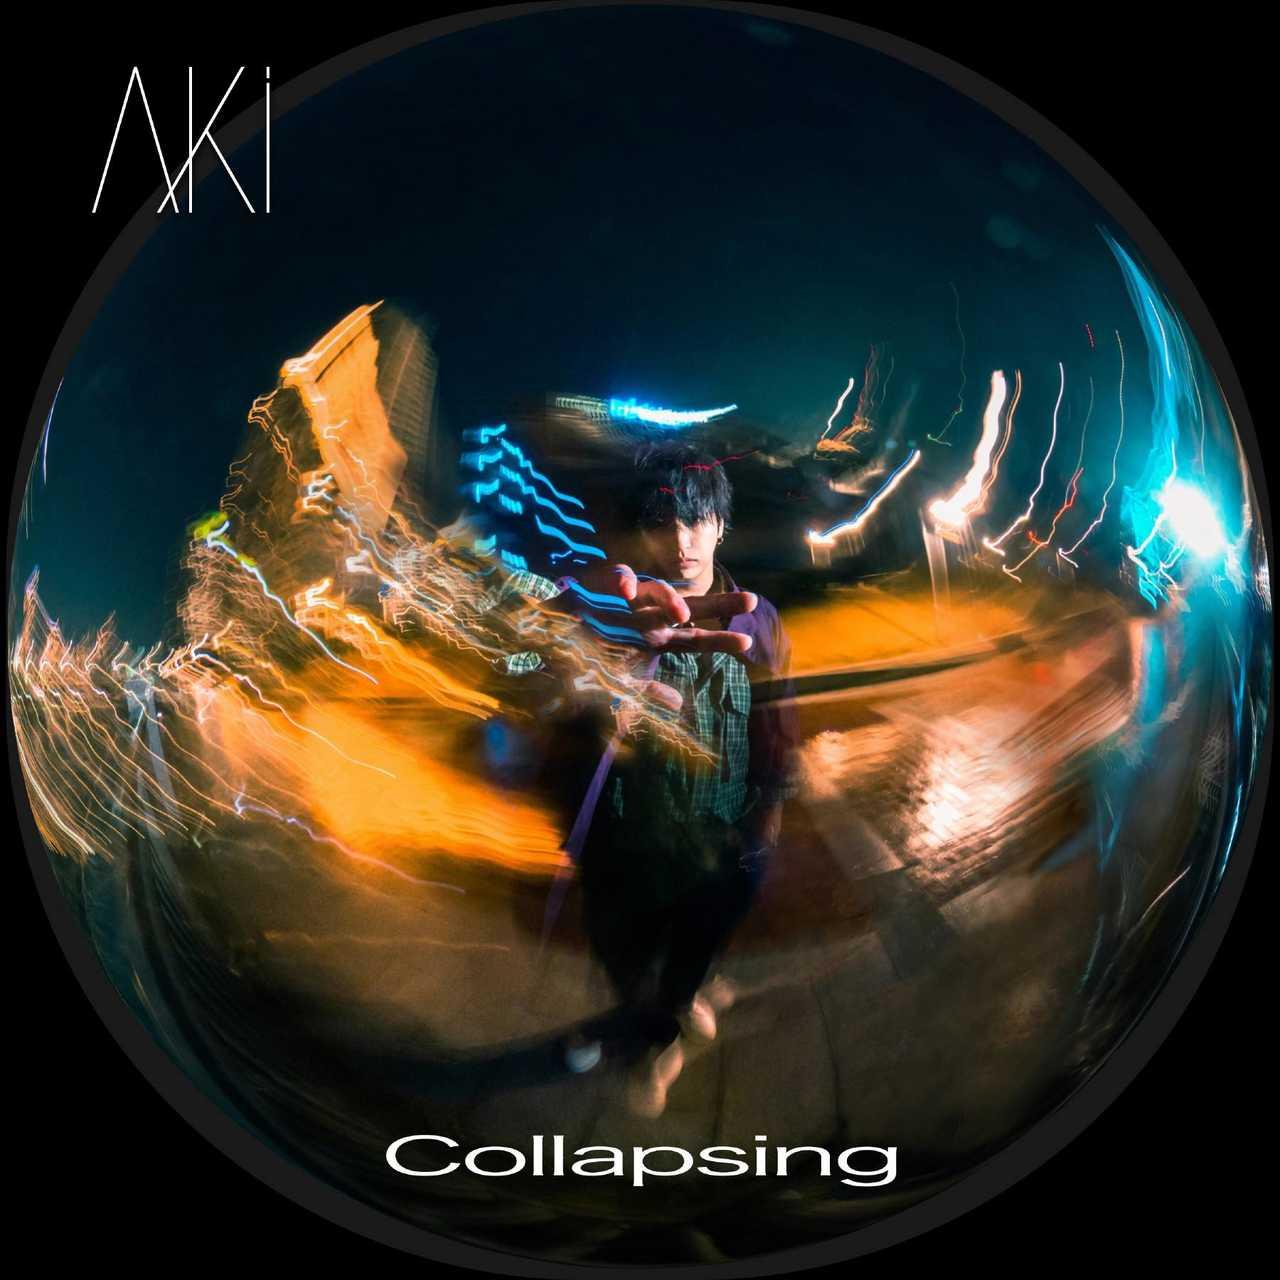 ダウンロード配信限定シングル「Collapsing」